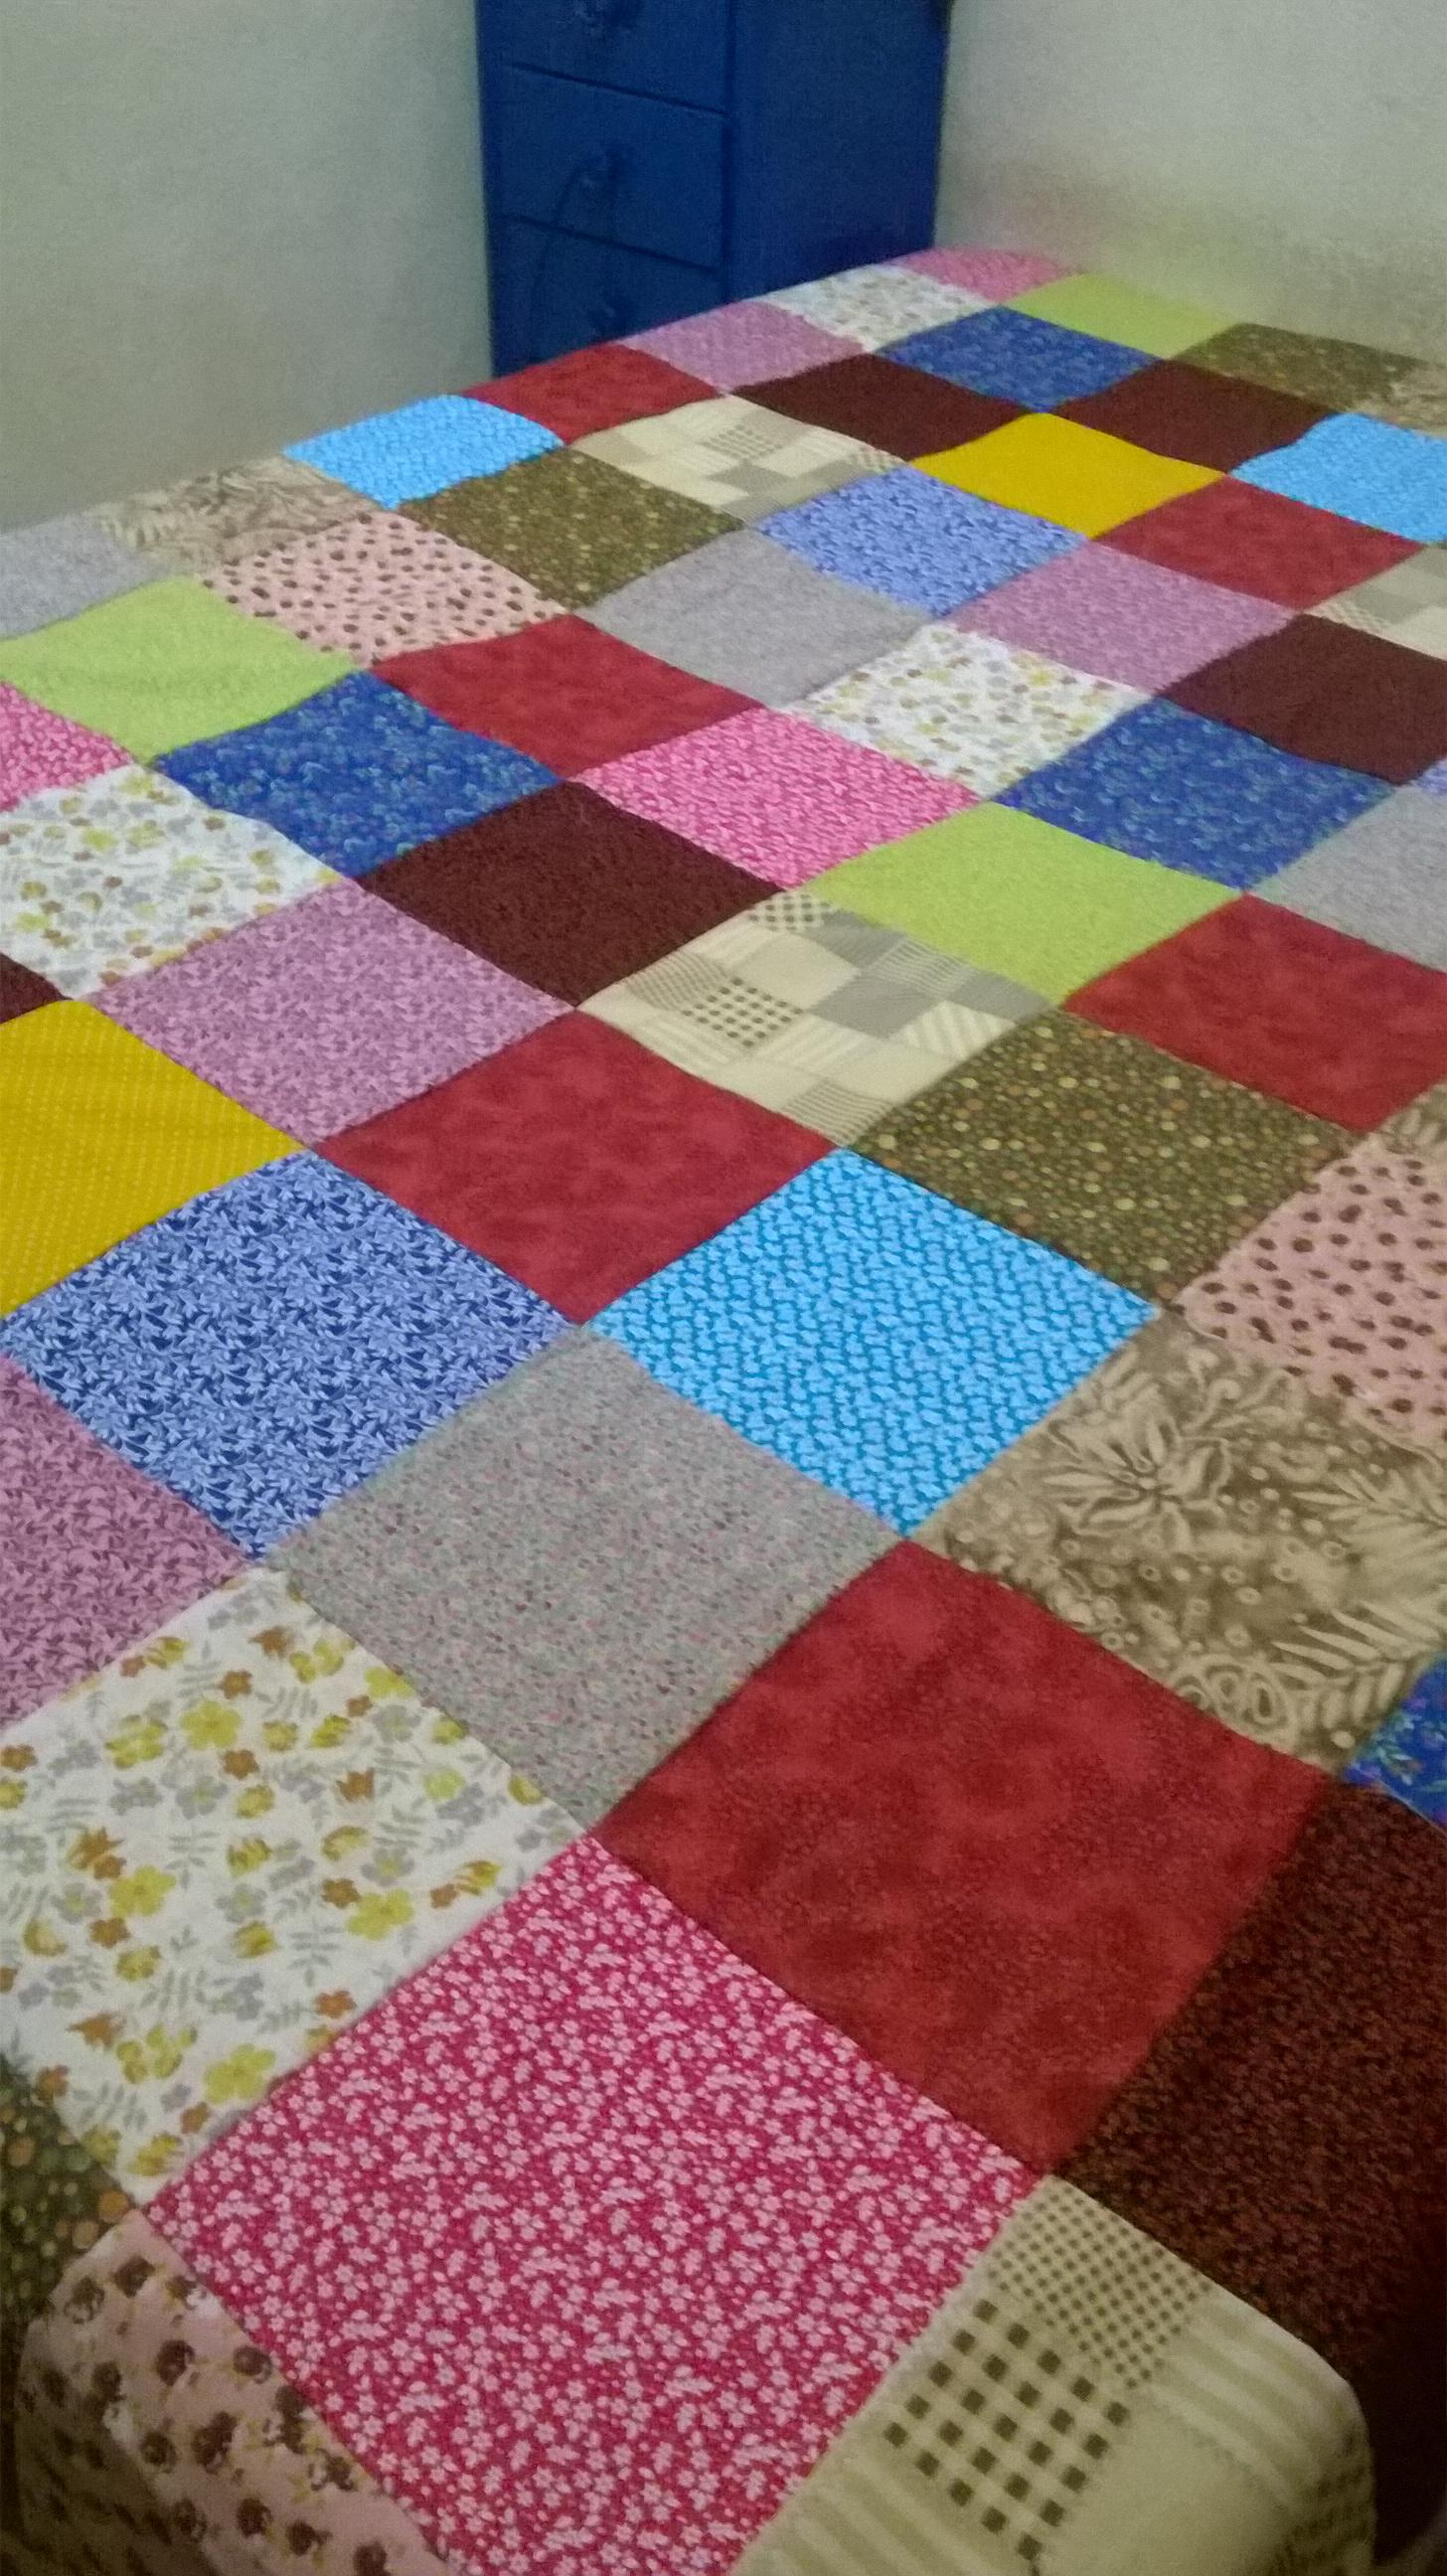 Colcha de retalhos patchwork du 39 artes produtos artesanais elo7 - Colcha patchwork ...